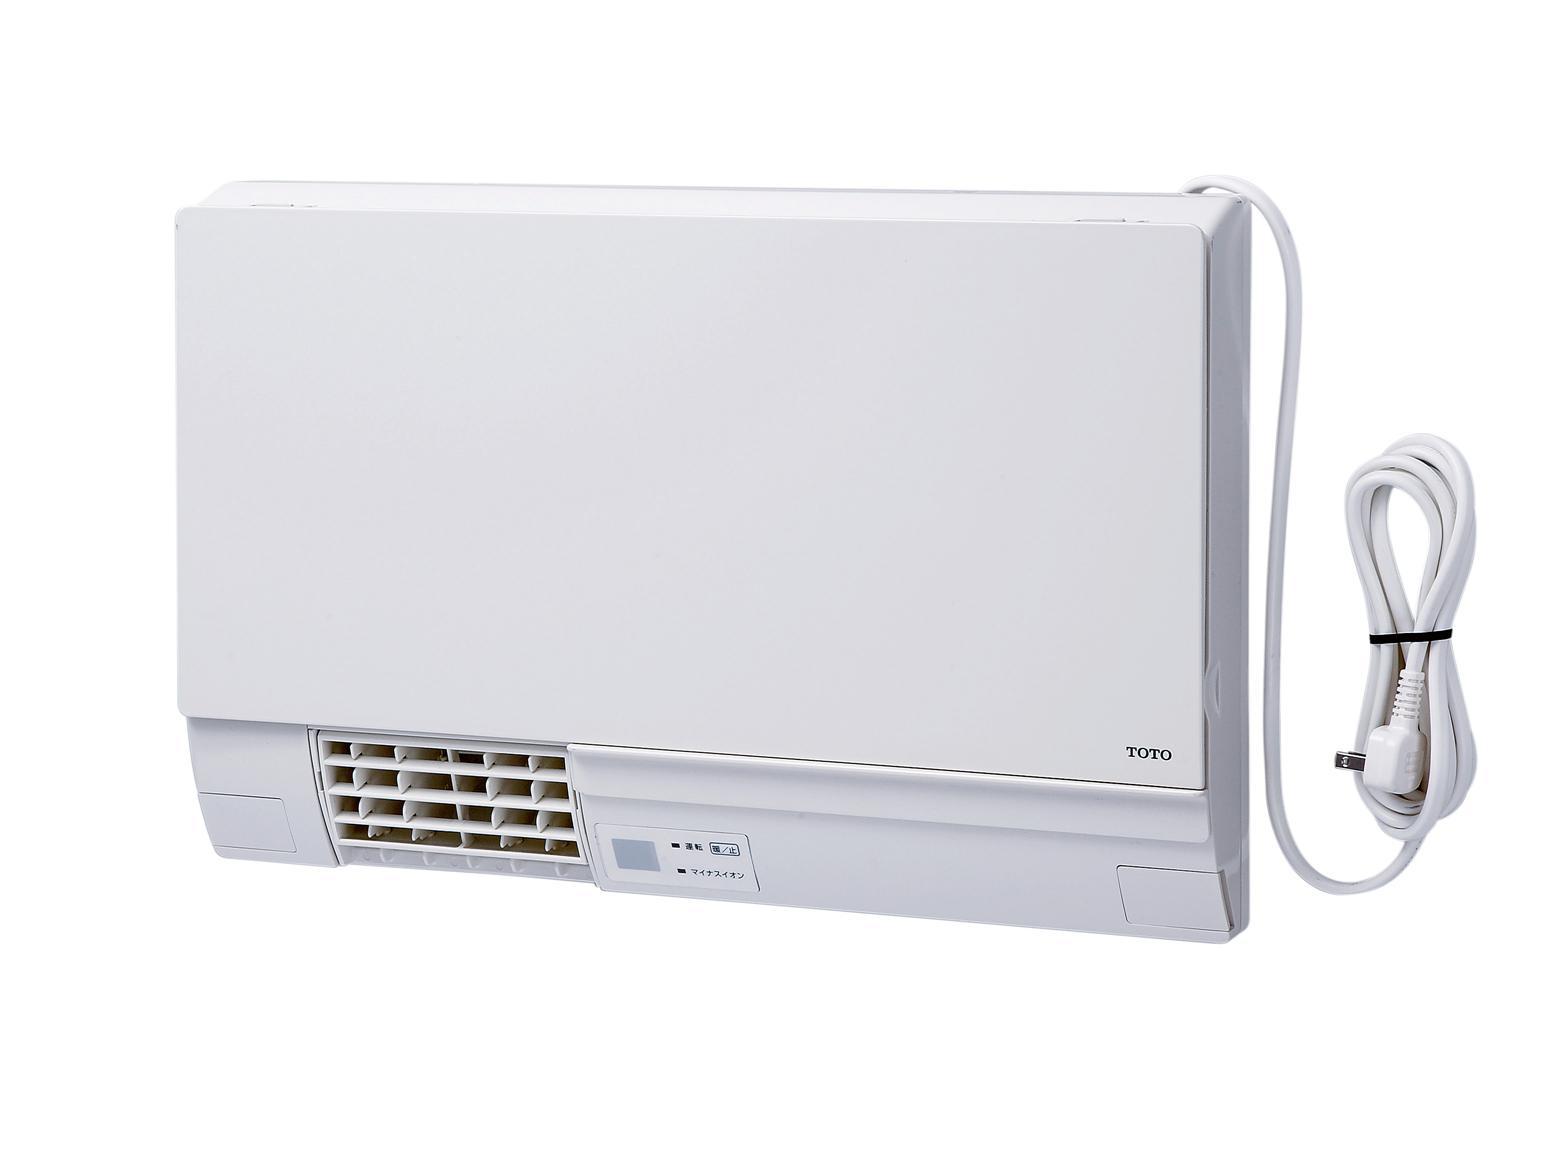 【送料無料】TOTO洗面所用暖房機電源プラグ付き・ワイヤレスリモコン・予約運転機能付TYR340R